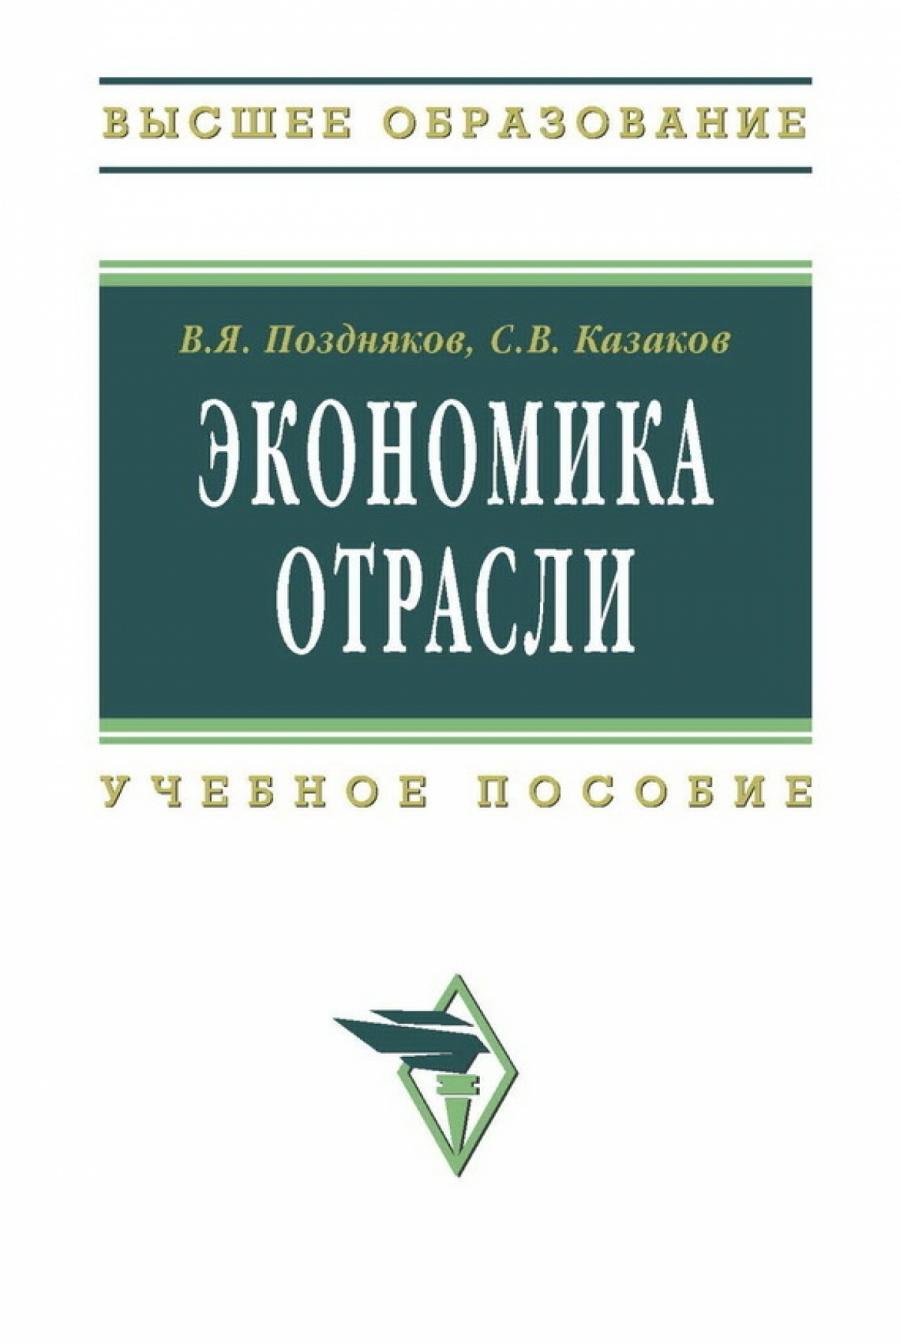 Обложка книги:  поздняков в.я., казаков с.в. - экономика отрасли